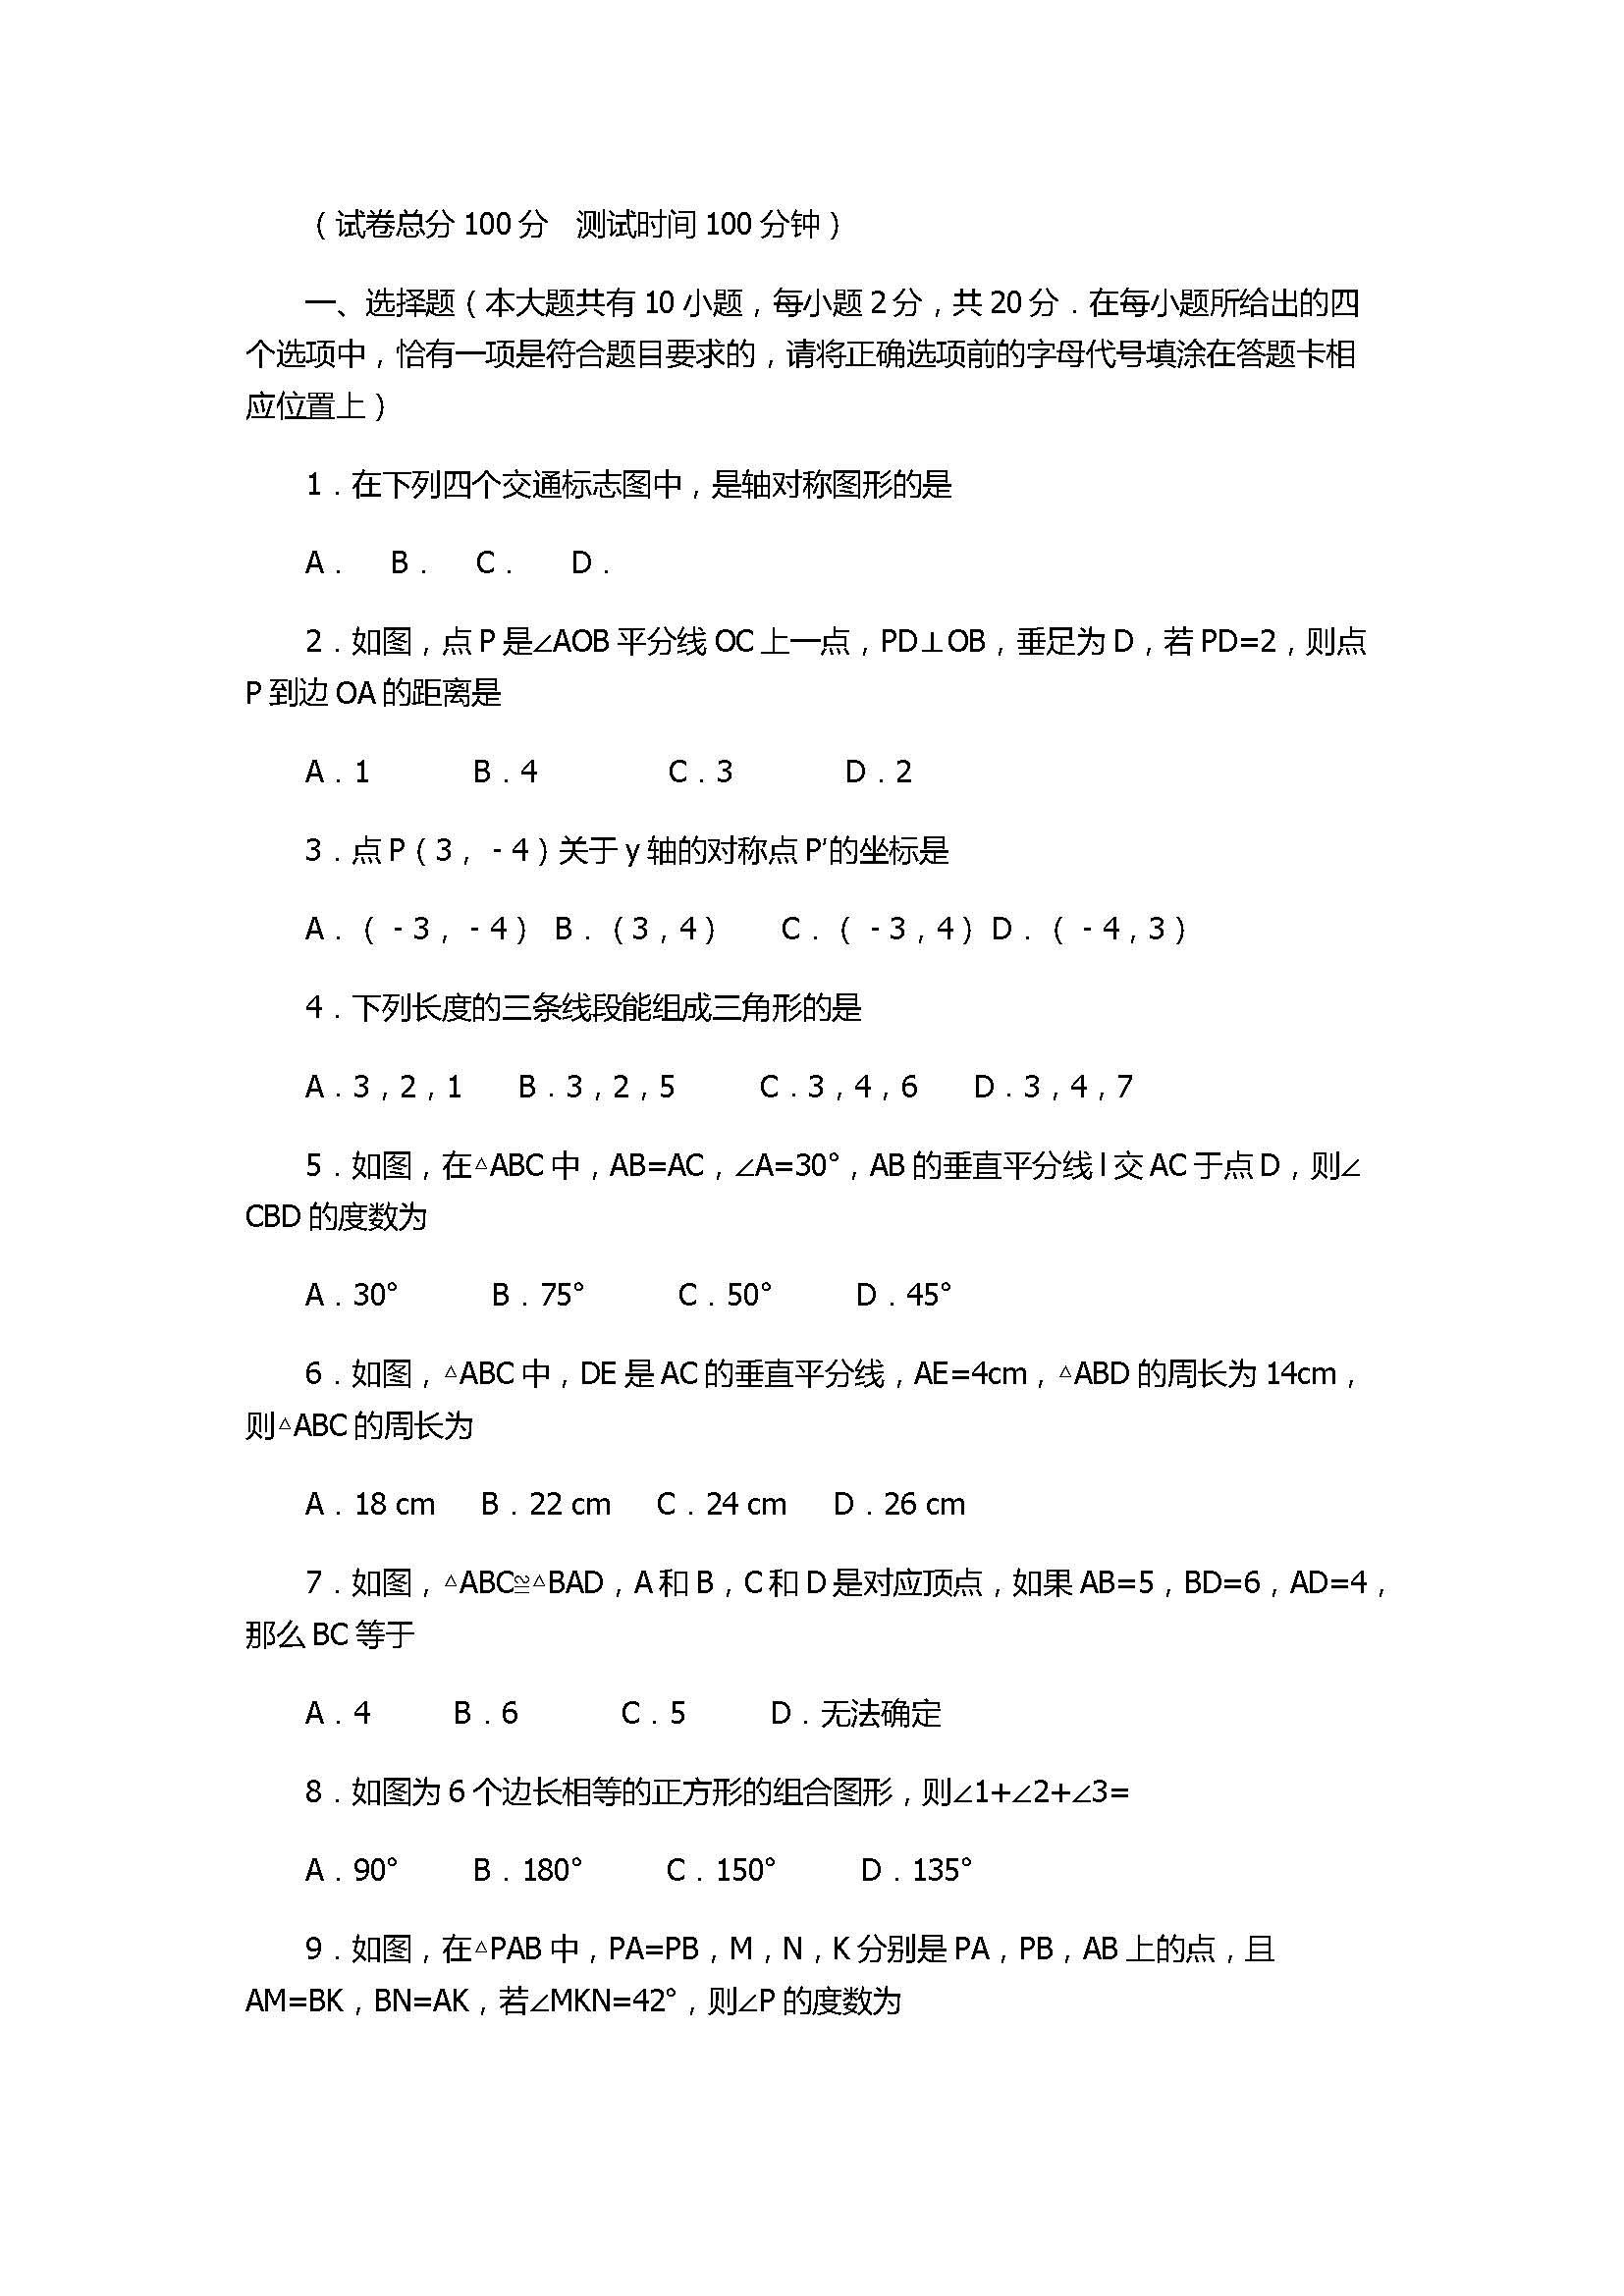 2017八年级数学上册月考测试卷附参考答案(新余市渝水区)